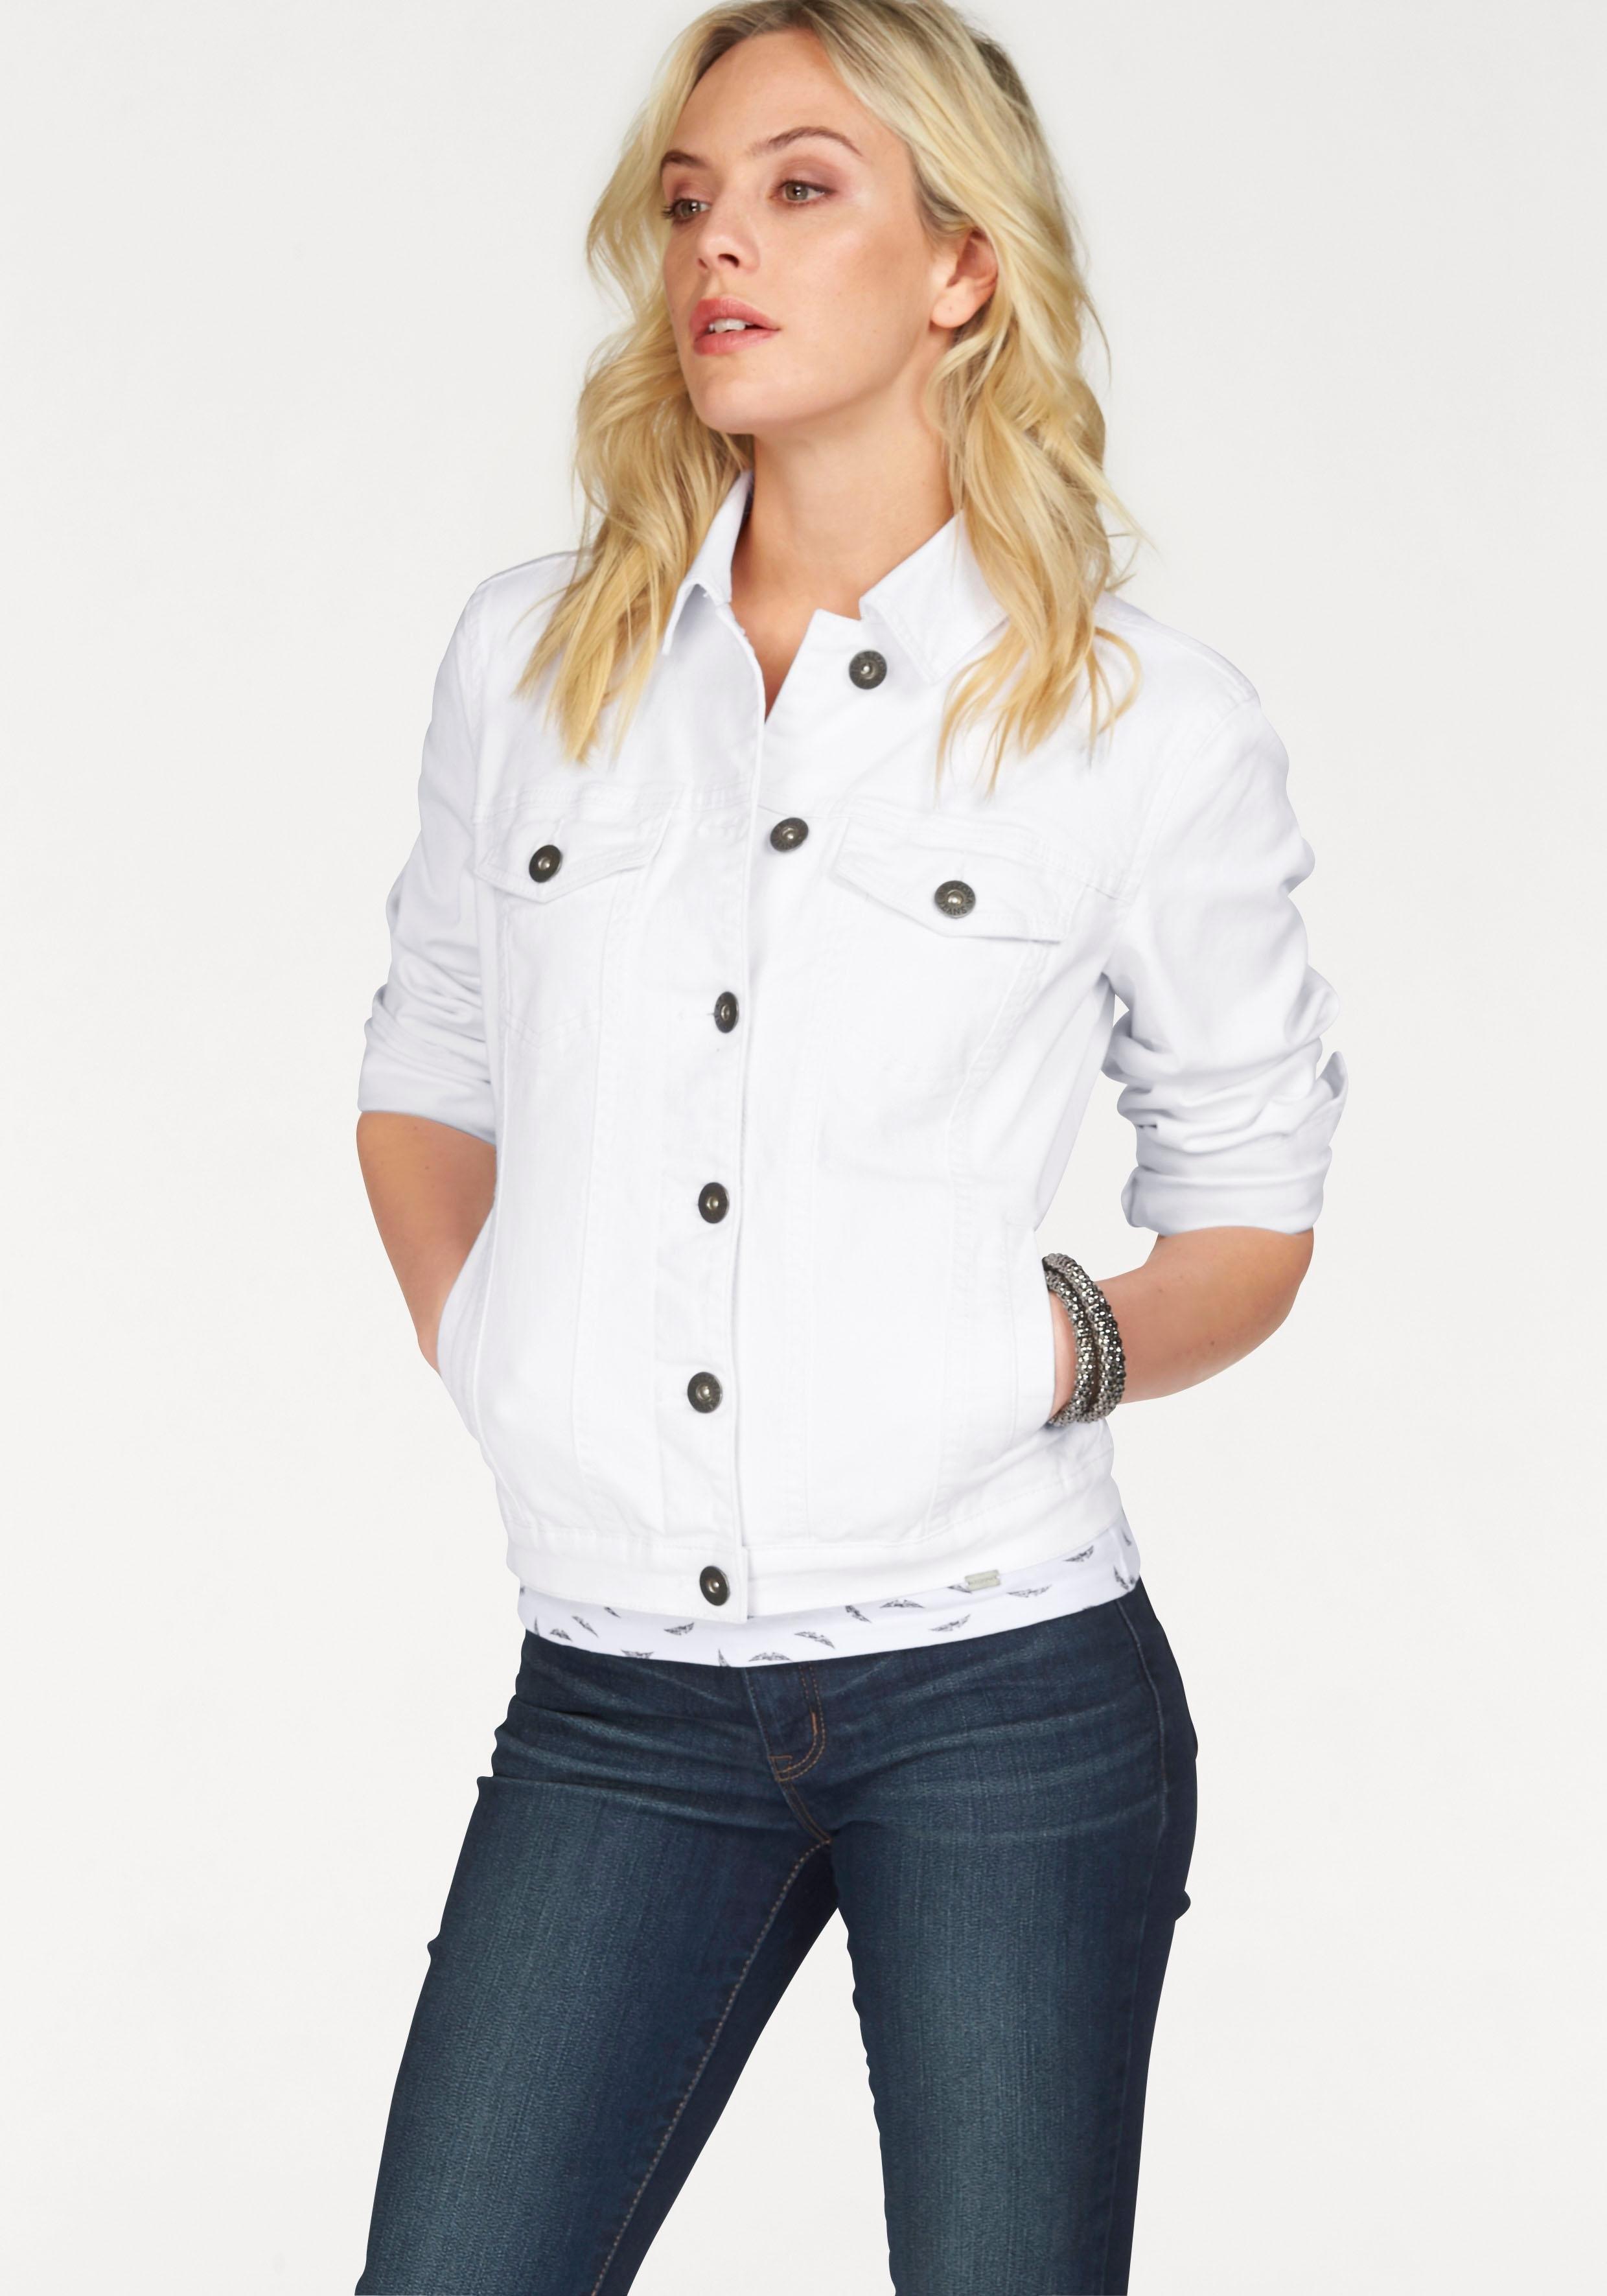 ARIZONA jeansjack nu online kopen bij OTTO